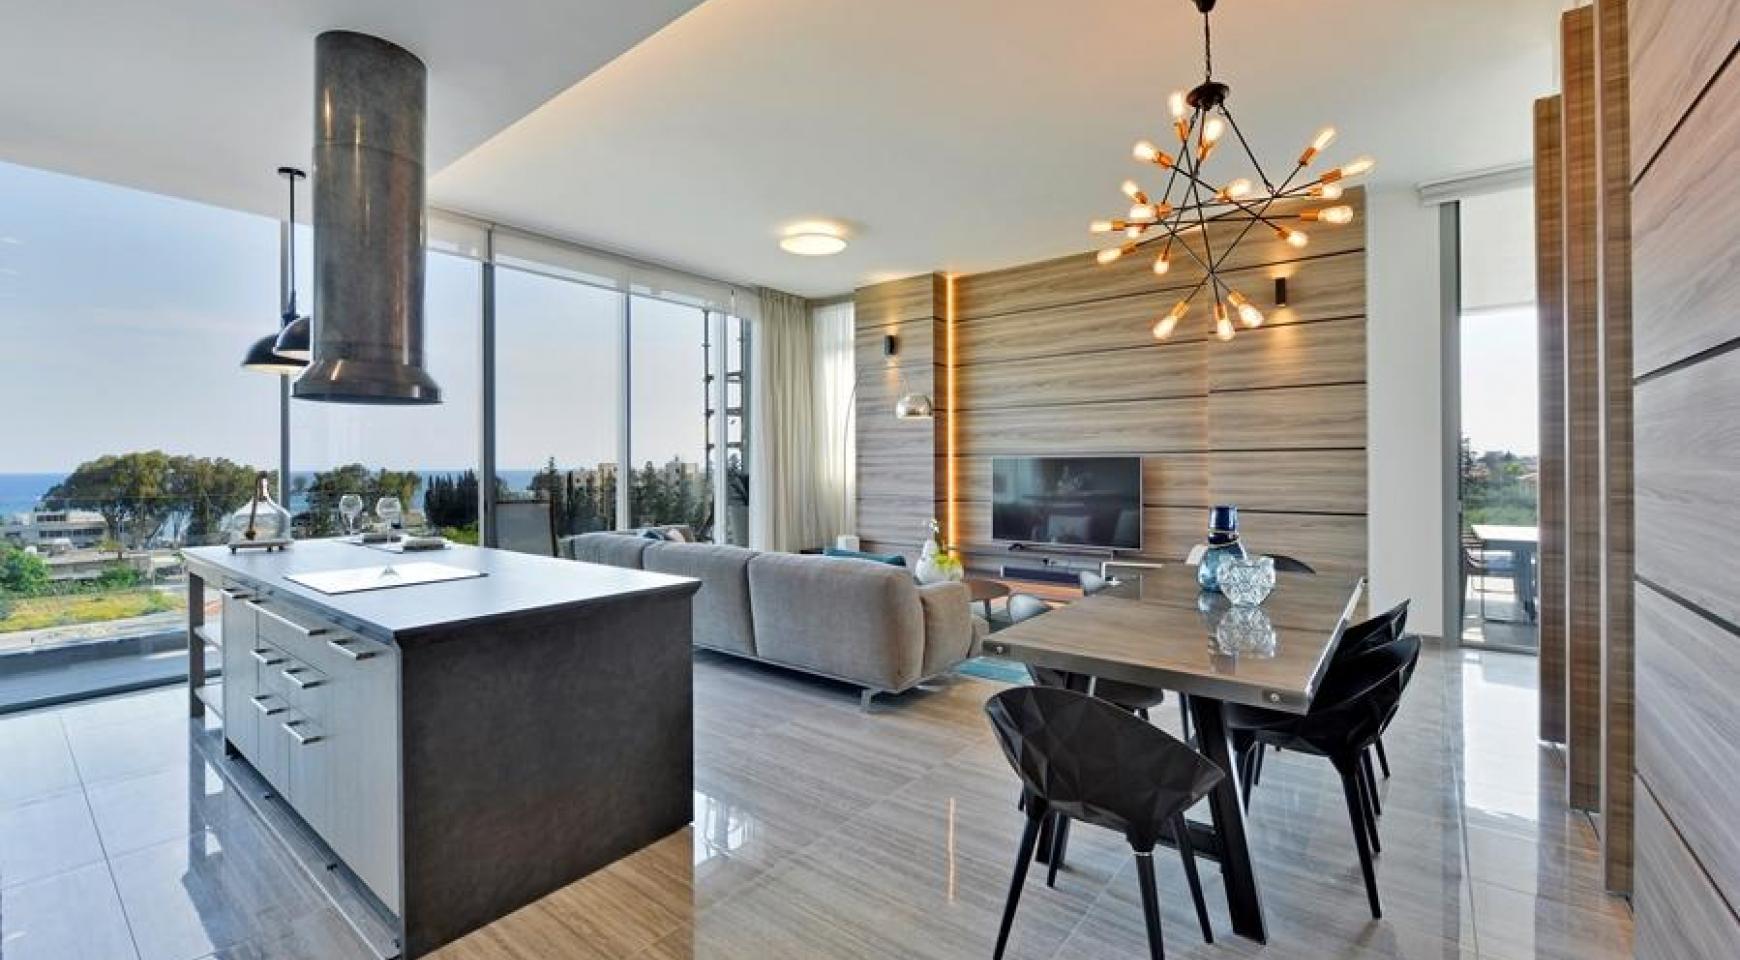 Новая Элитная 2-Спальная Квартира с Видом на Море в Туристической Зоне - 6